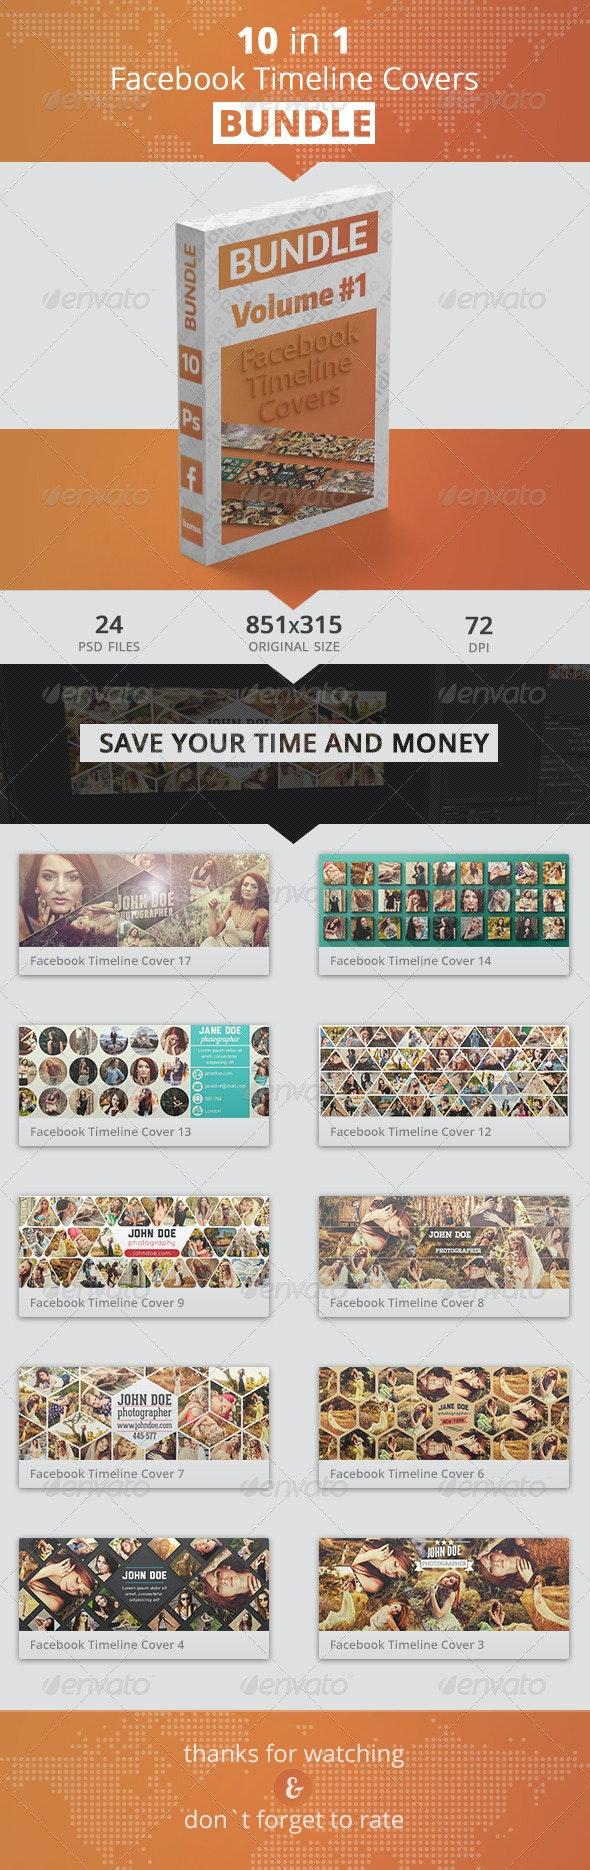 Facebook Timeline Covers Bundle 1 - Facebook Timeline Covers Social Media